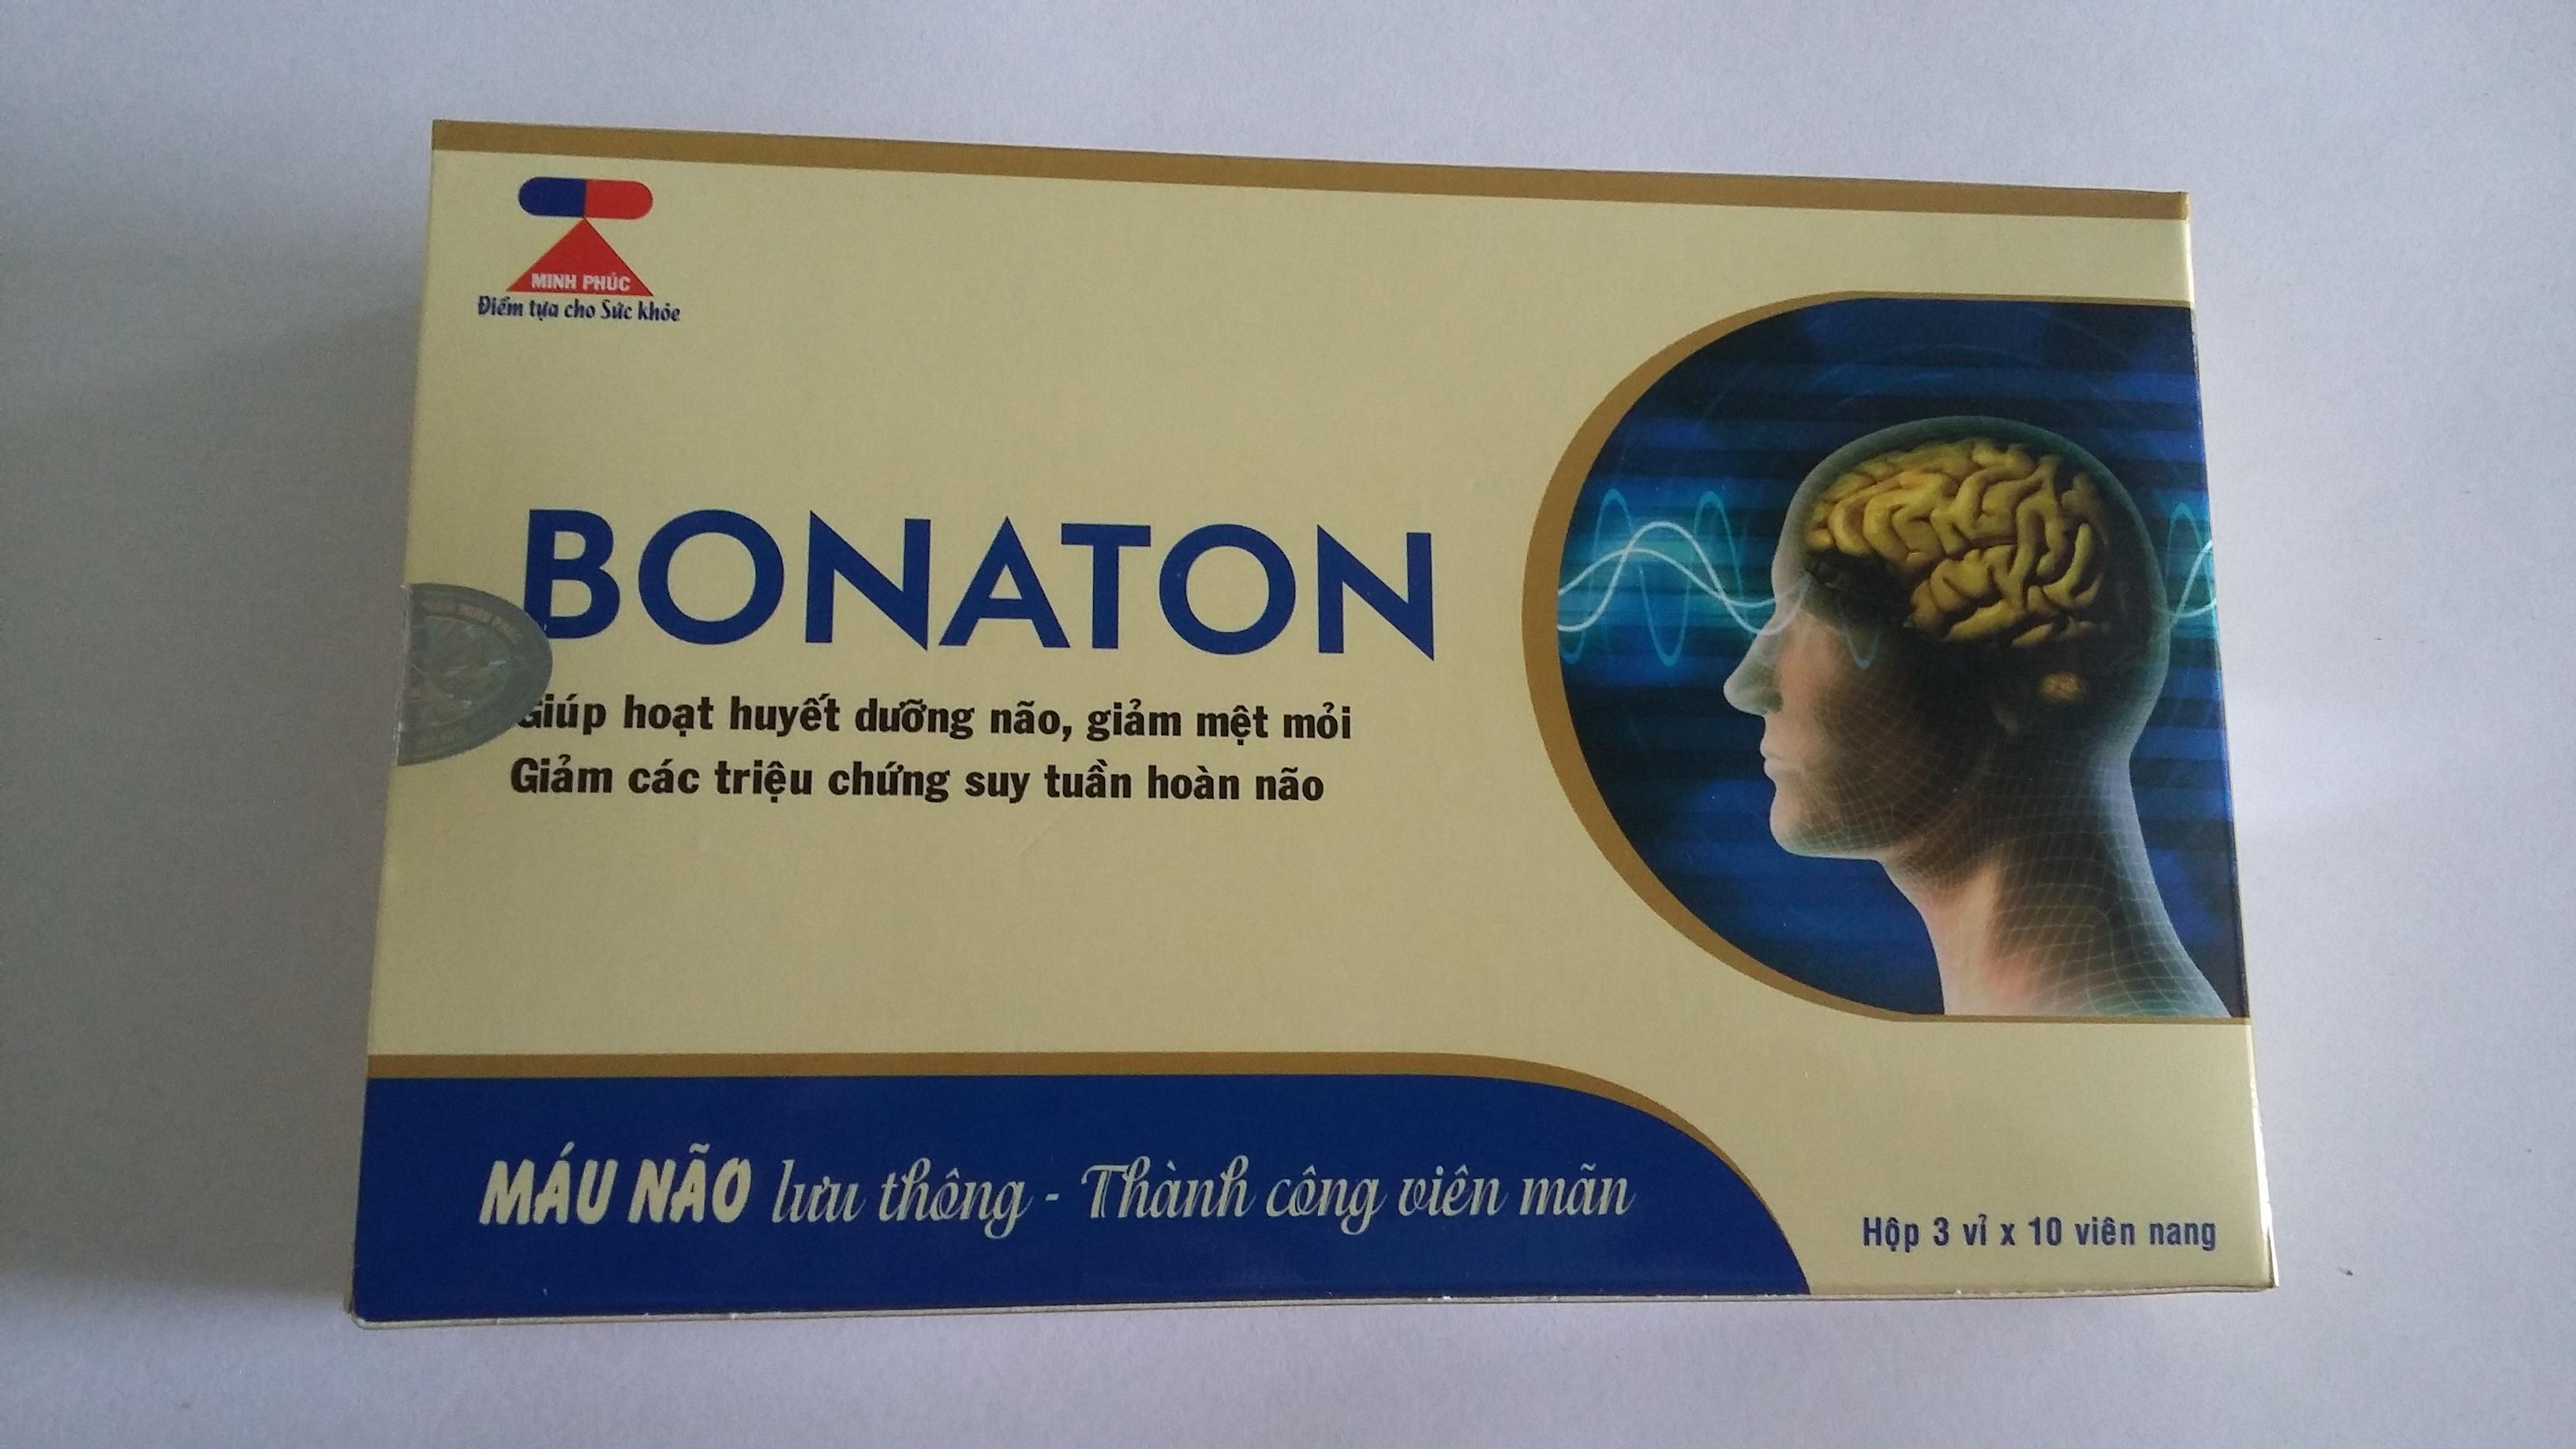 BONATON